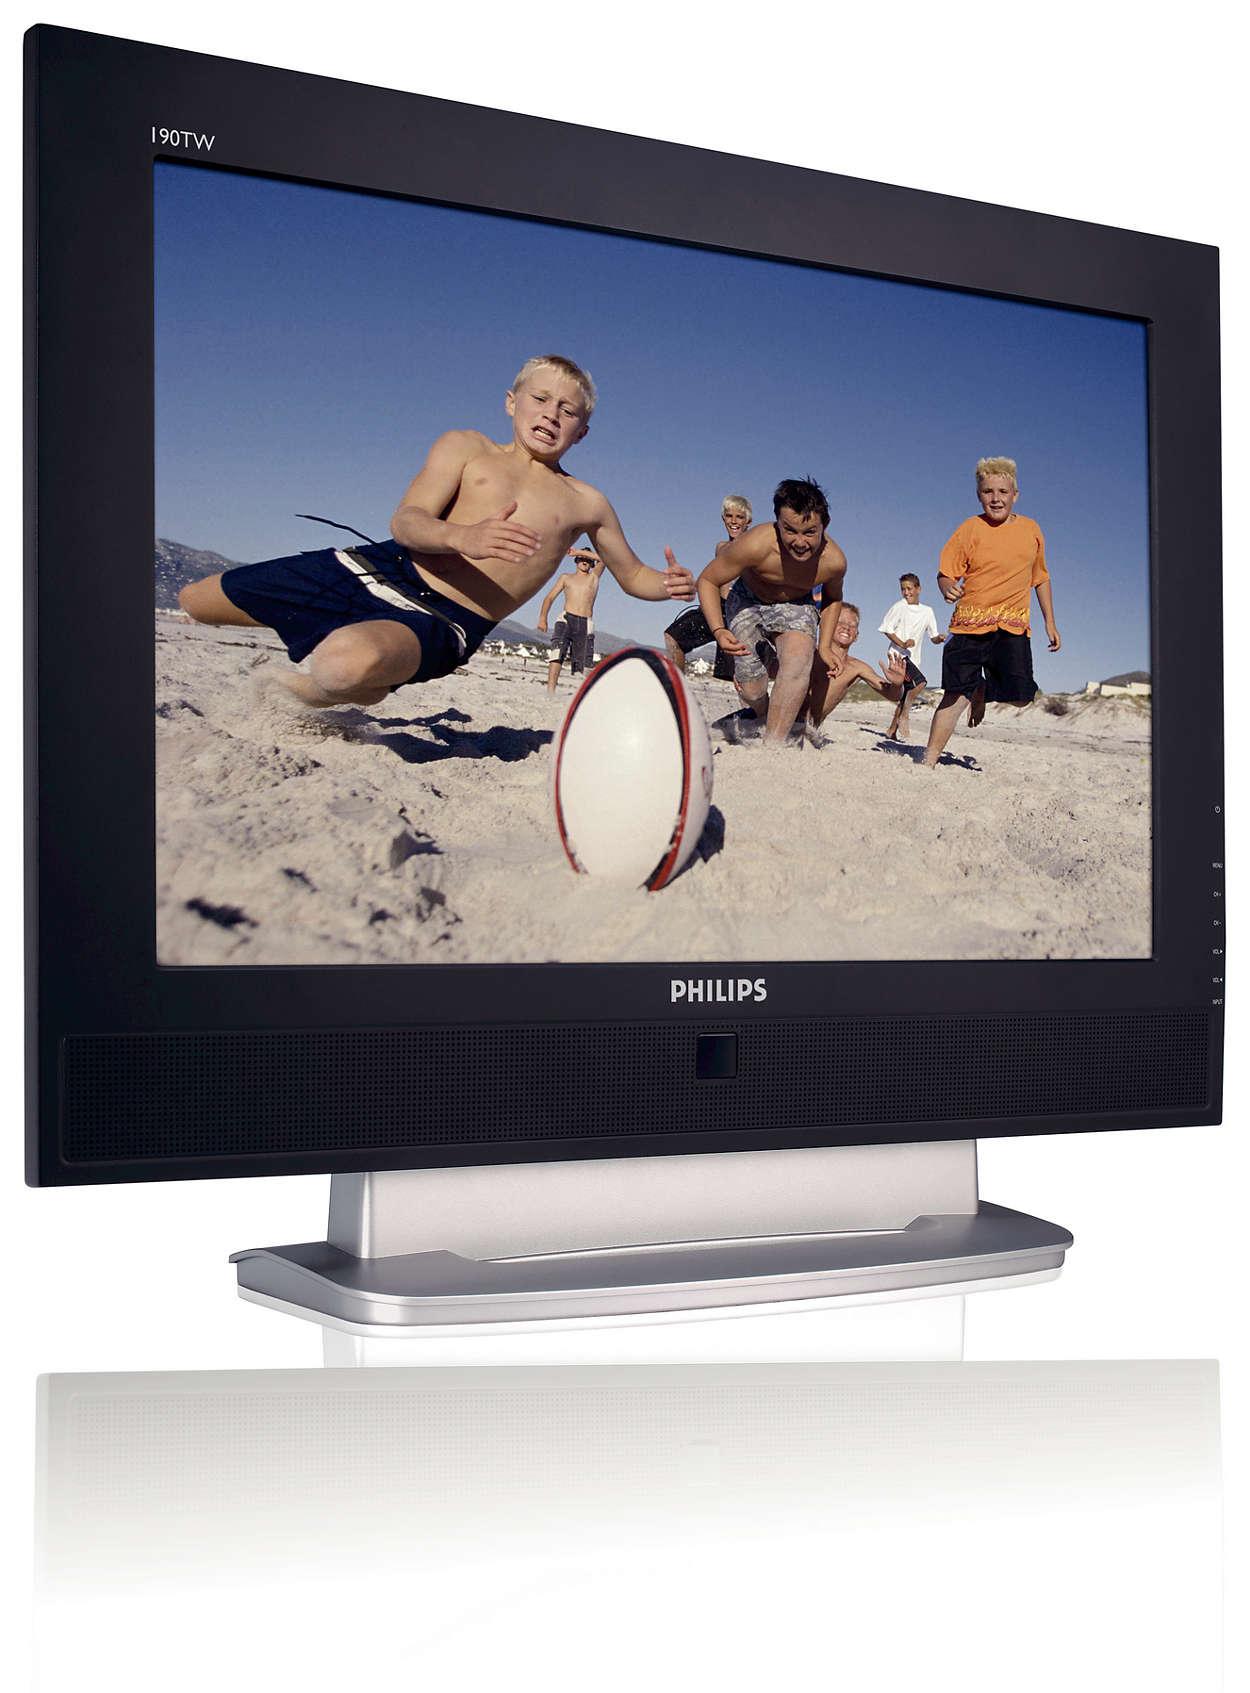 LCD-monitor/TV-combi met groot aantal functies